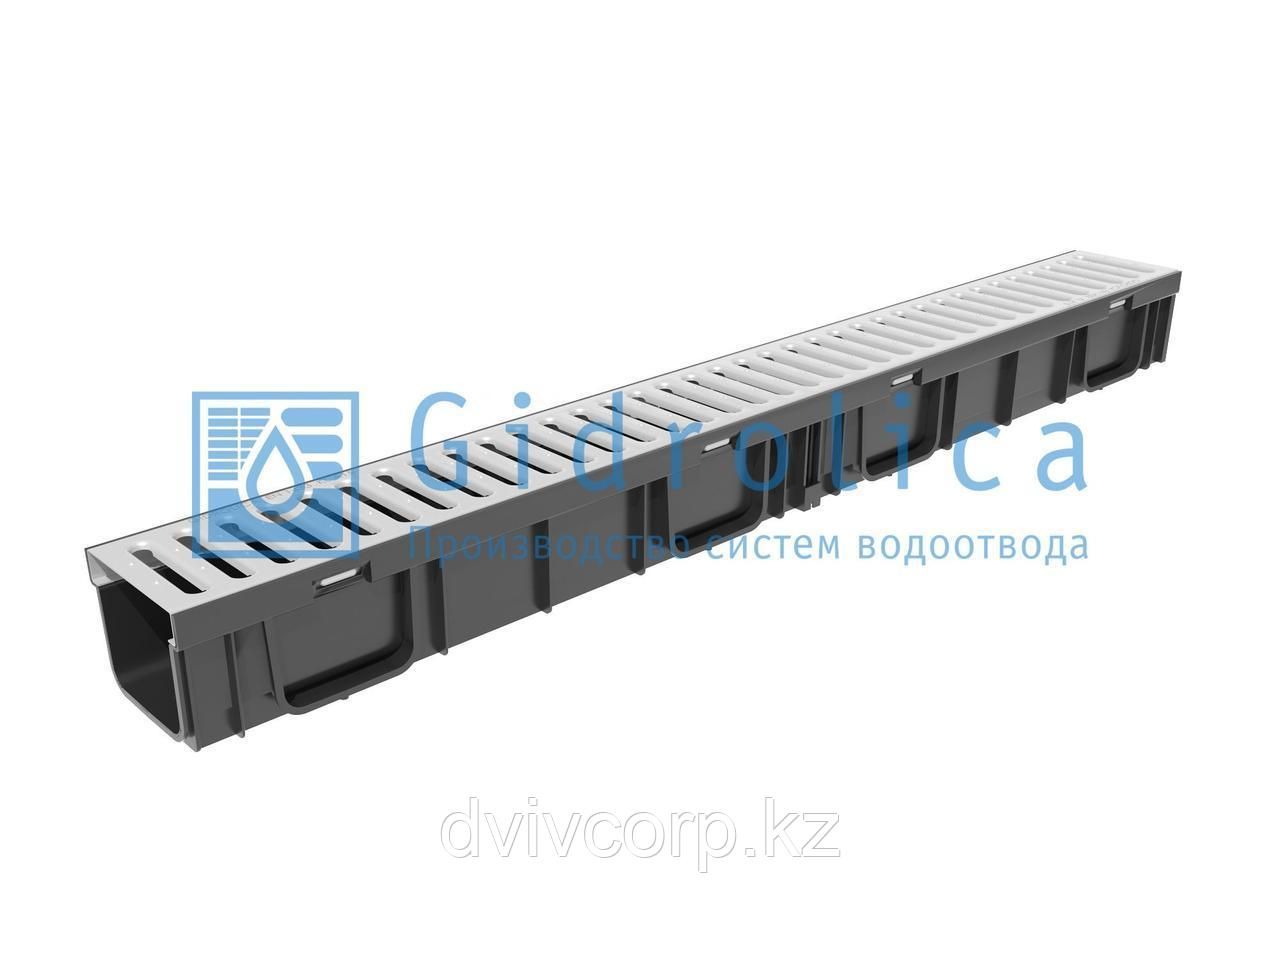 Арт. 0806 Комплект Gidrolica Light: лоток водоотводный ЛВ -10.11,5.9,5 - пластиковый с решеткой РВ -10.10,8.10